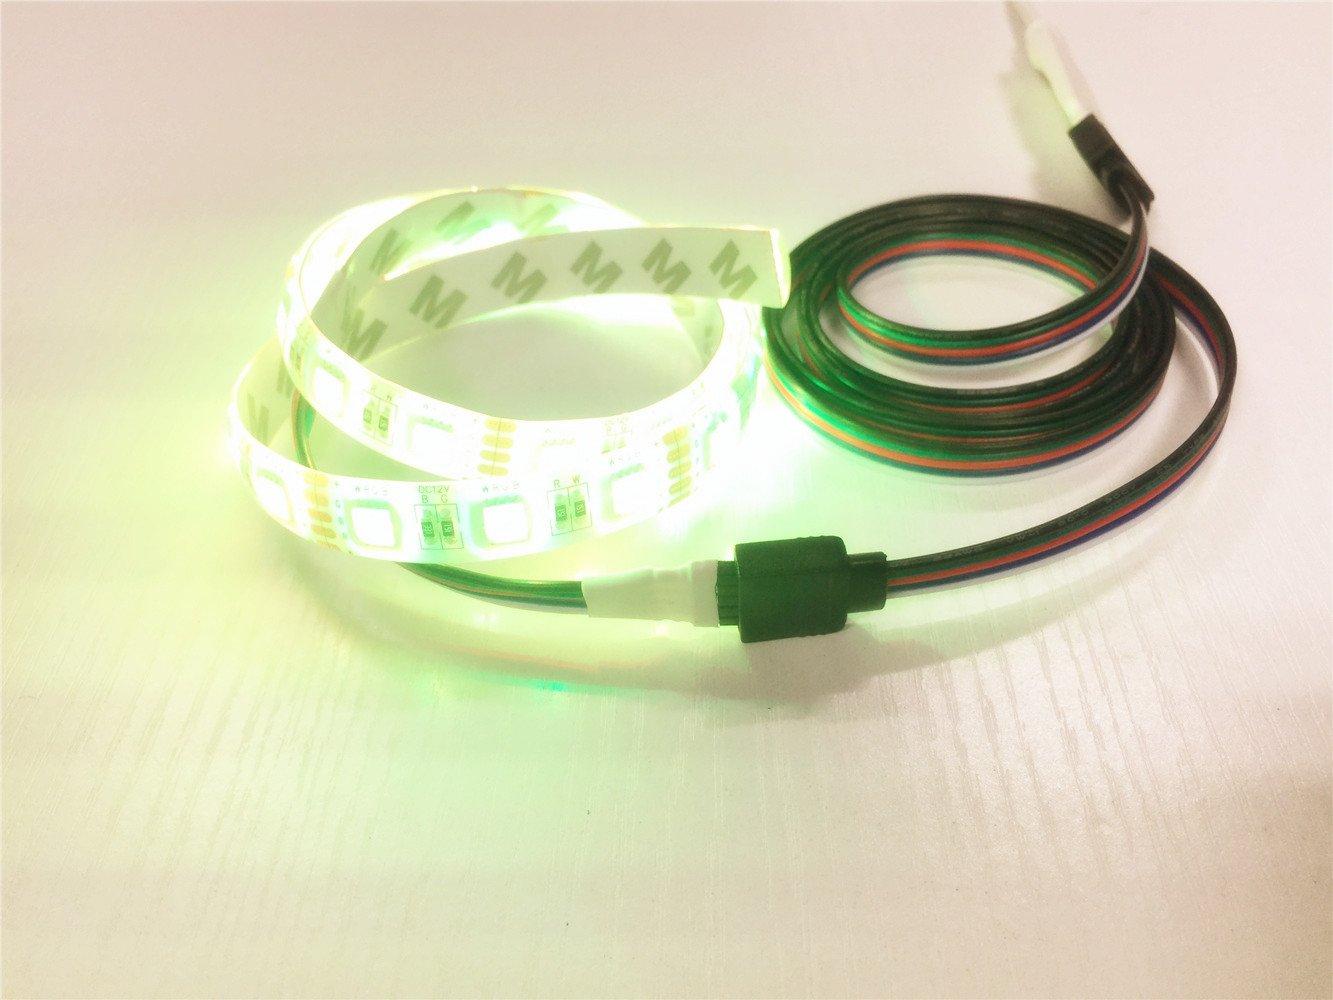 10m Cable Extensión Tira LED 5 pines Cable de Conexión Cinta de luz LED 5 Pin Línea Conector Banda LED Extension Cable Connector para SMD 5050 RGBW LED ...